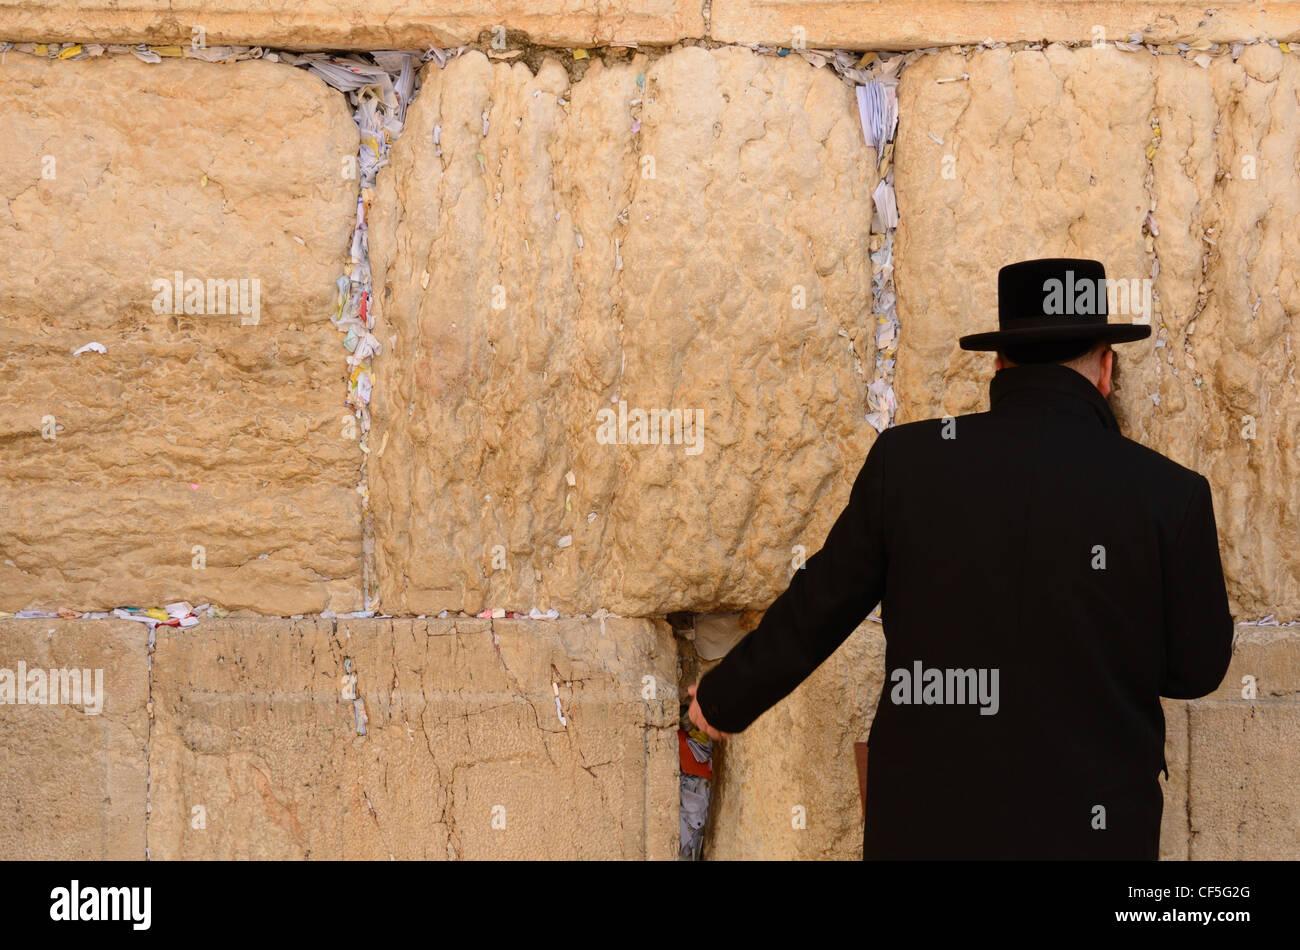 Un Juif hassidique prie au Mur des lamentations, dans la vieille ville de Jérusalem, Israël. Photo Stock